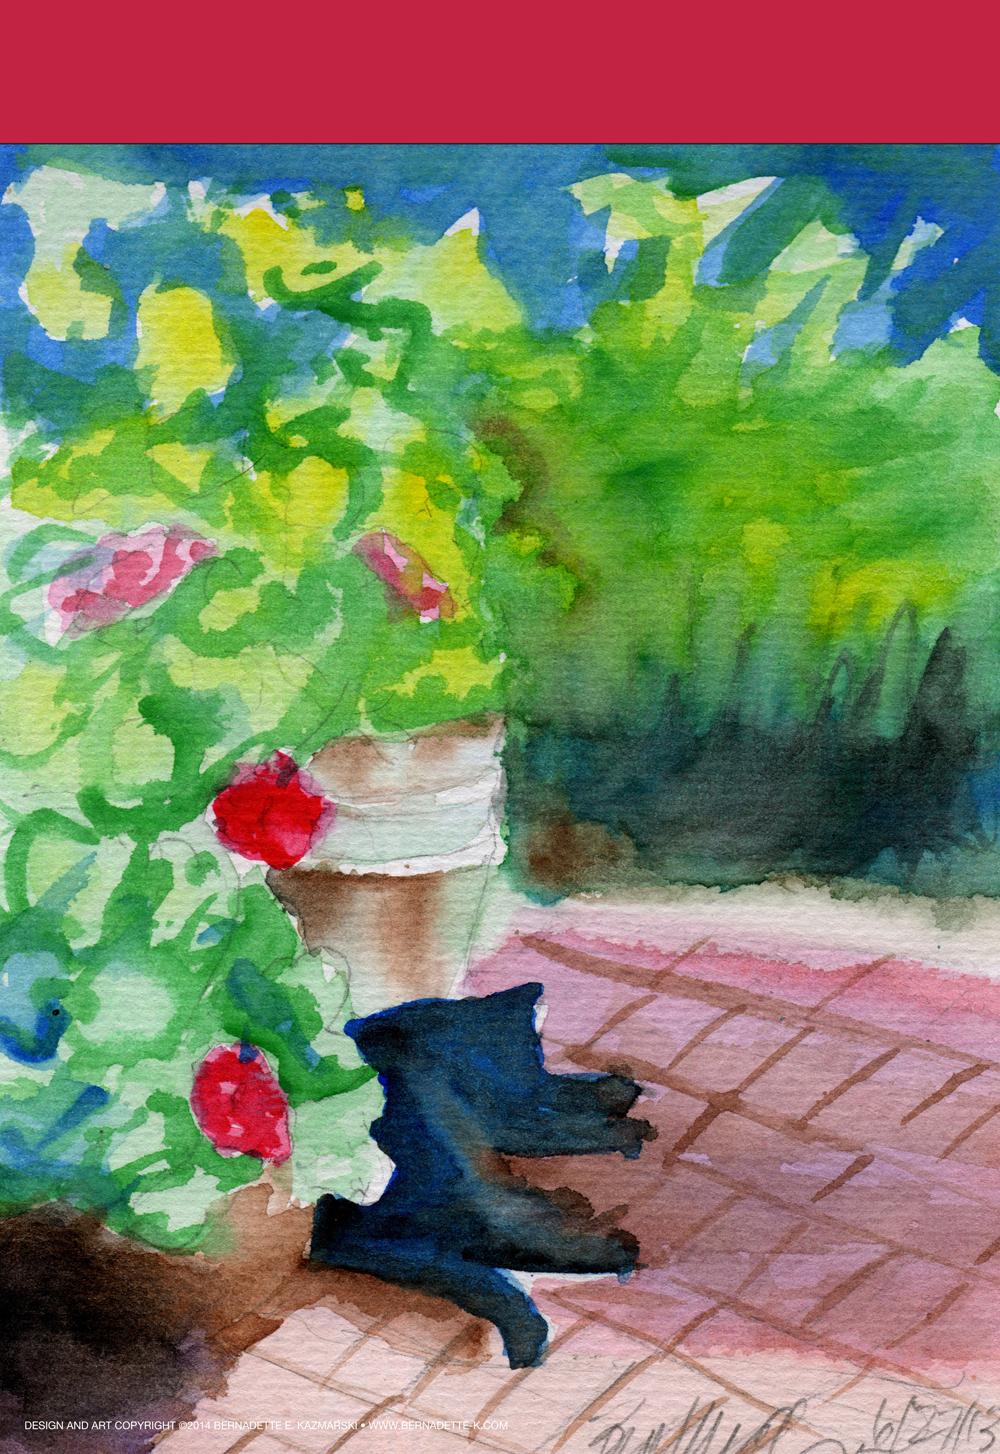 Garden Flag, Garden Sketch With Mimi